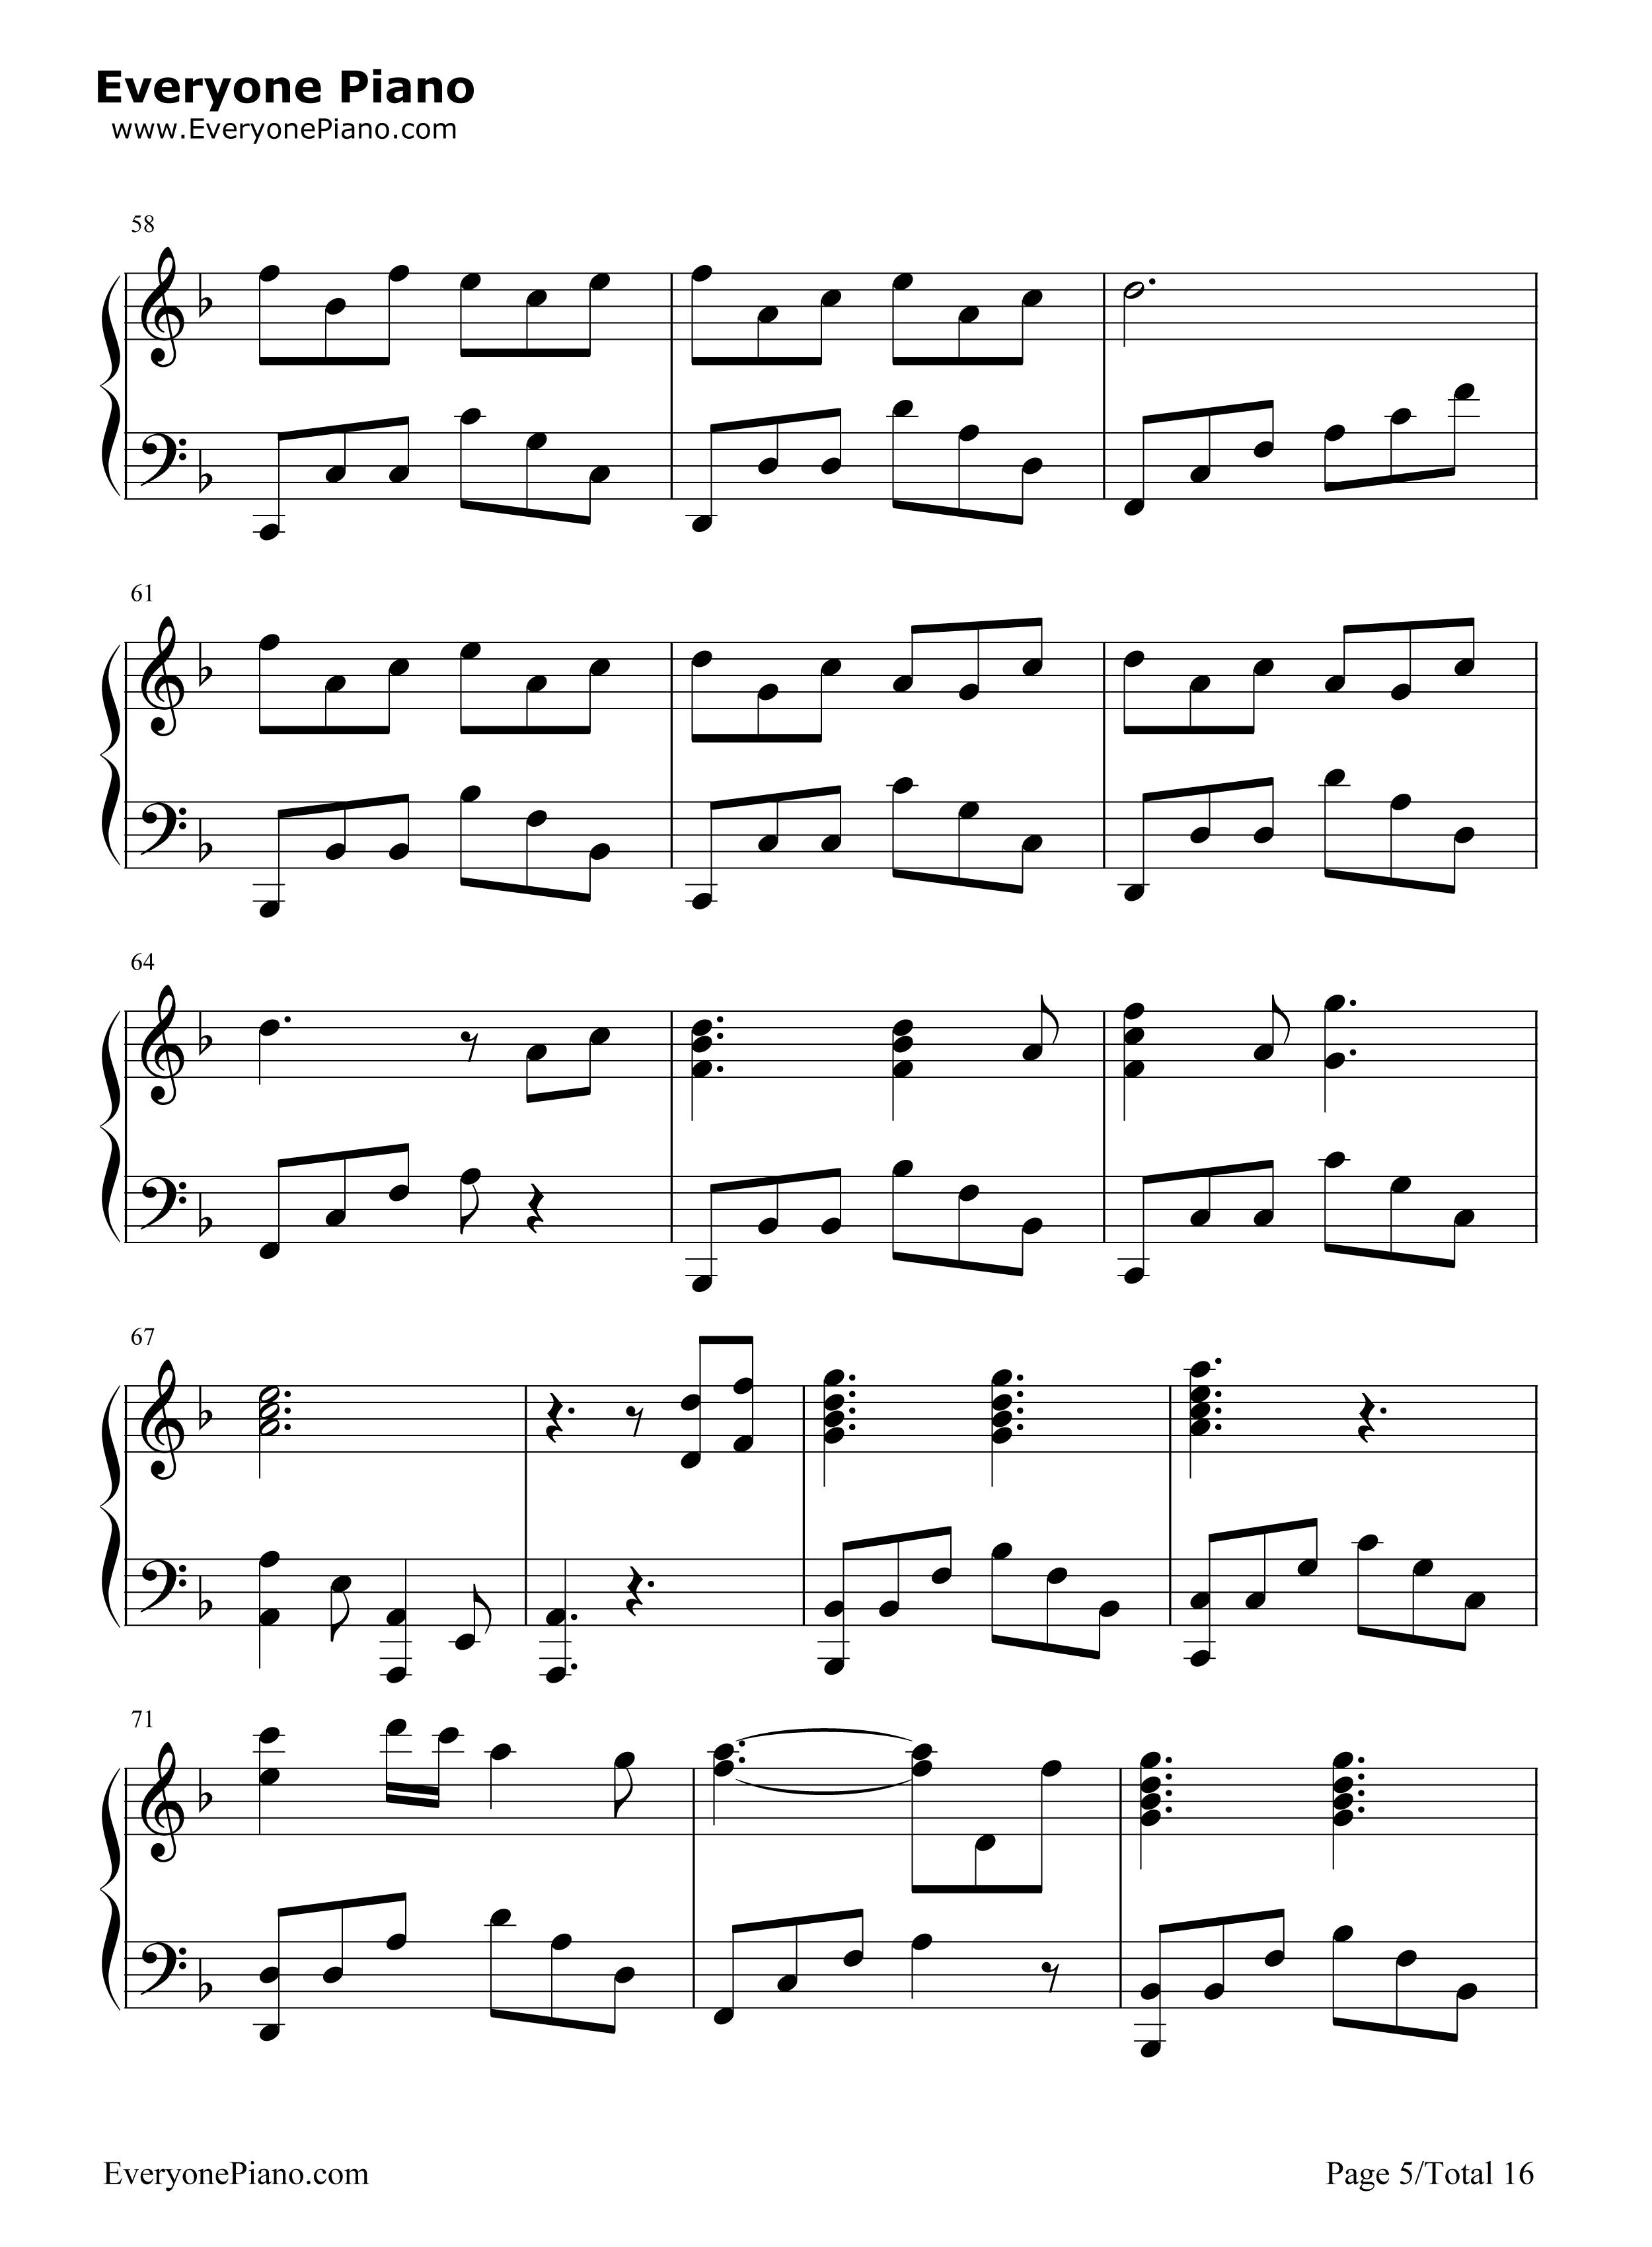 千本樱变奏曲五线谱预览5-钢琴谱档(五线谱,双手简谱